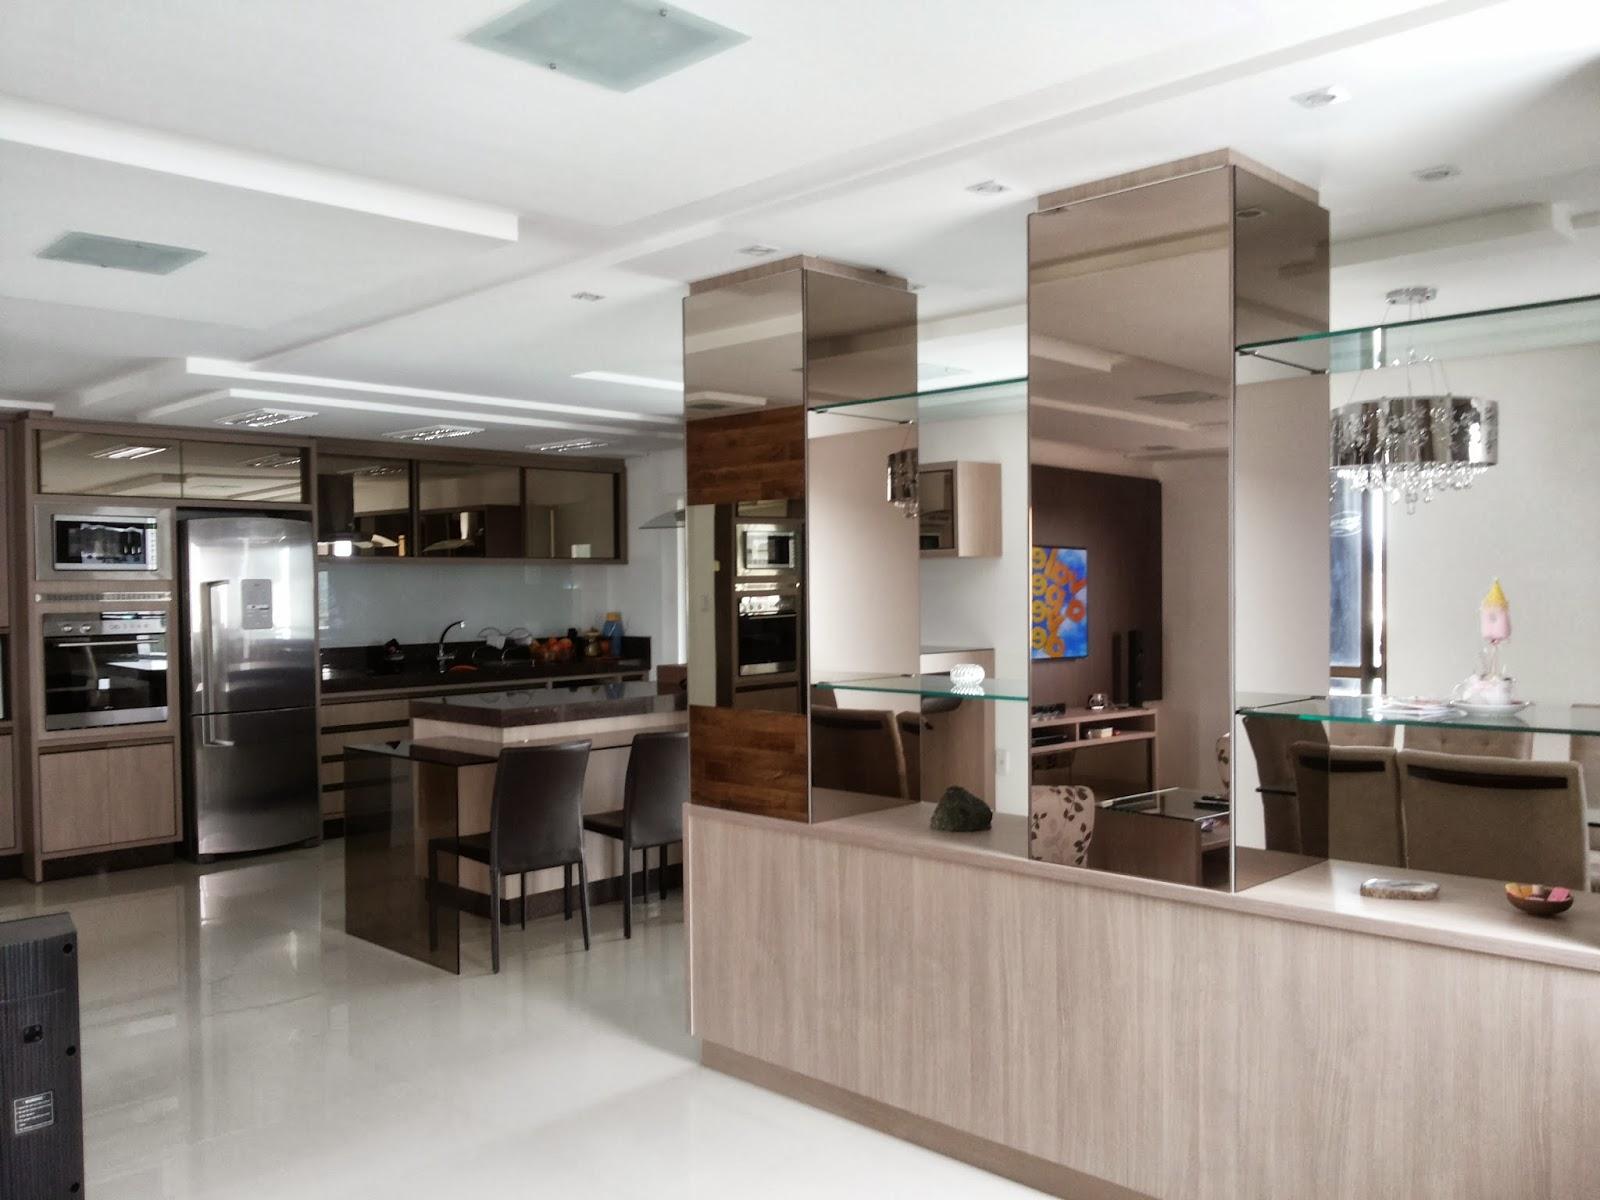 Projeto de interior apartamento! #312820 1600 1200